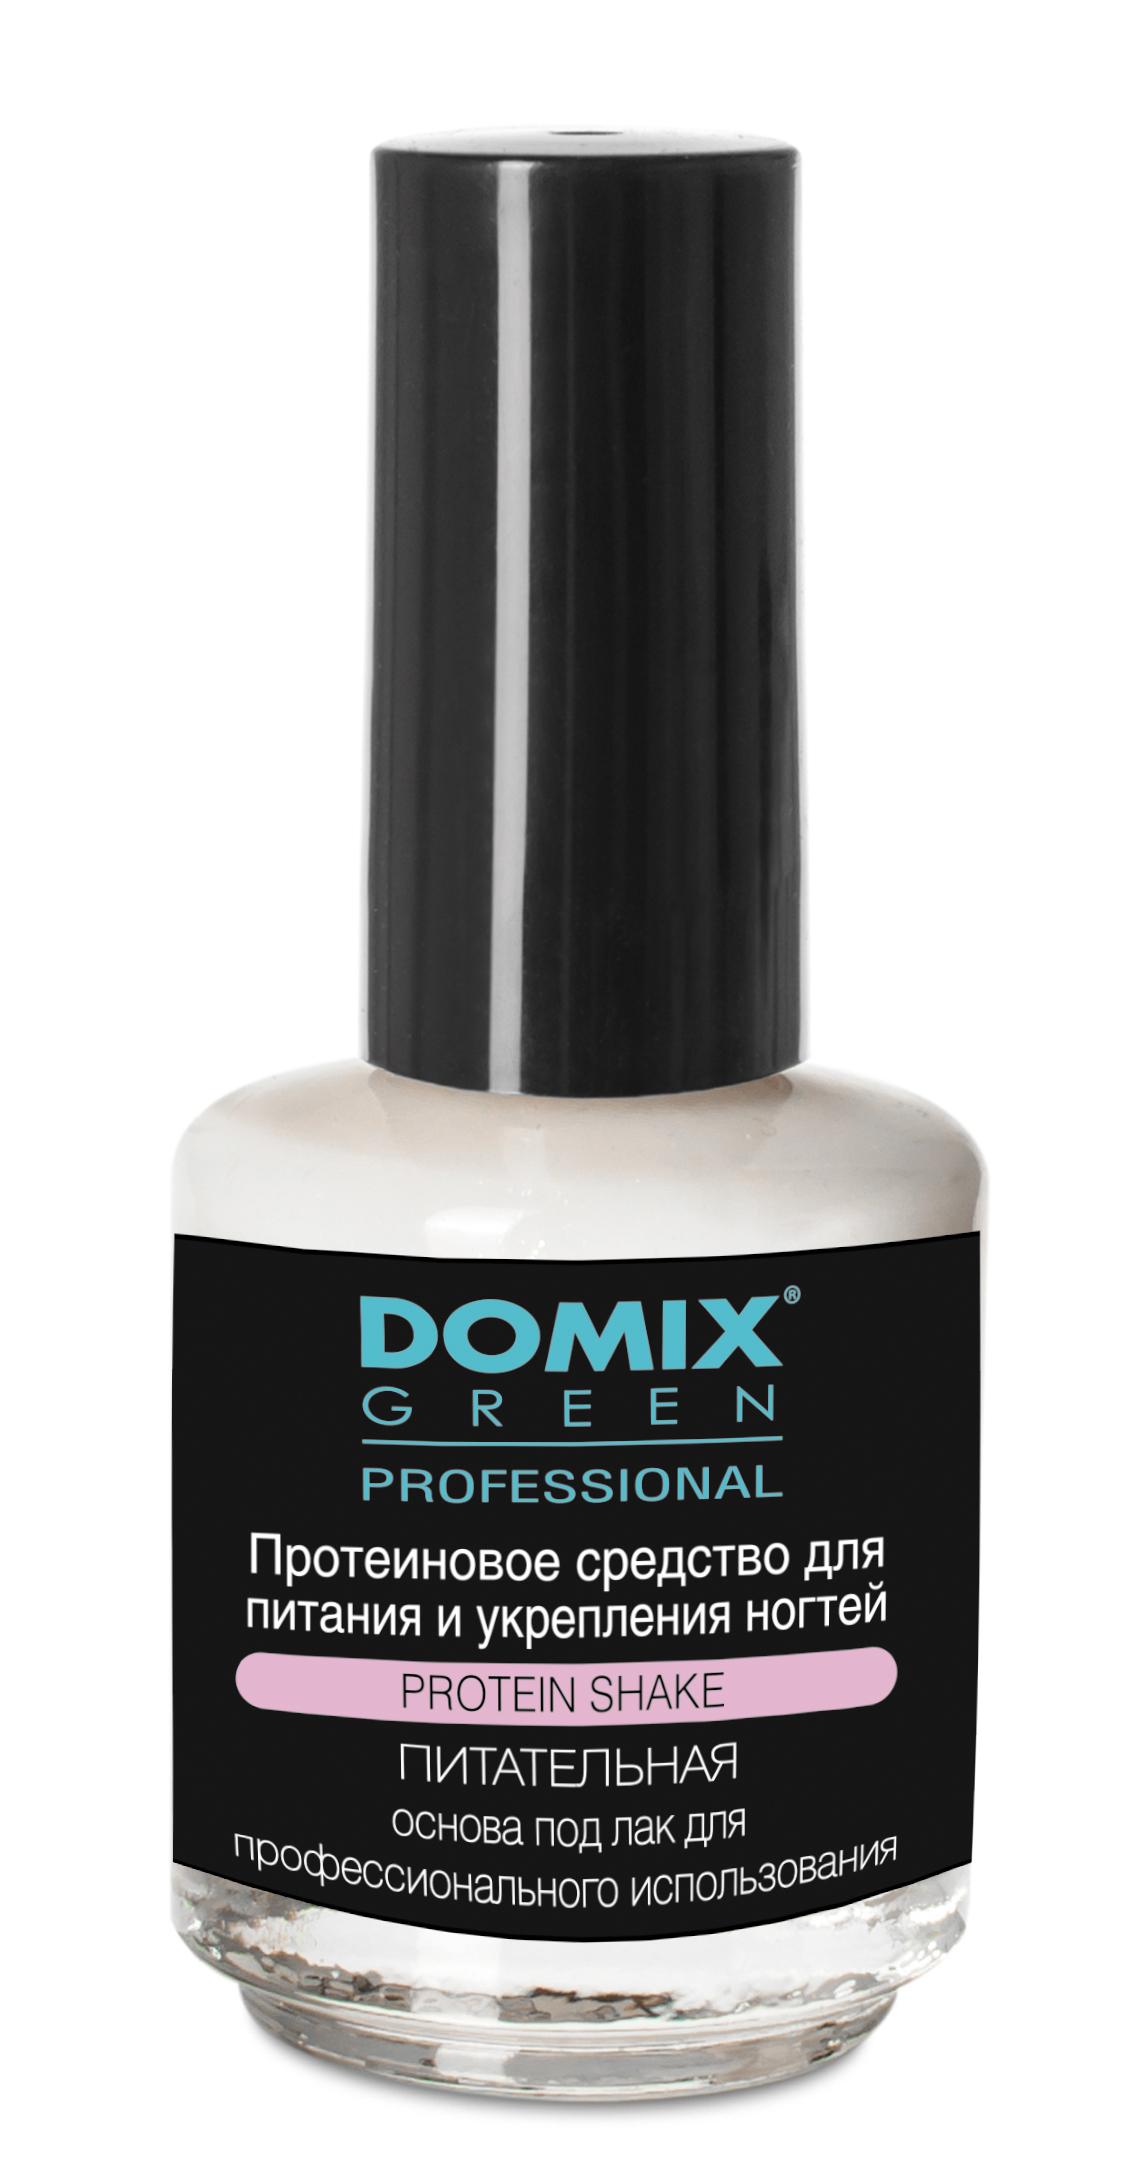 DOMIX Средство протеиновое для питания и укрепления ногтей / DGP 17мл